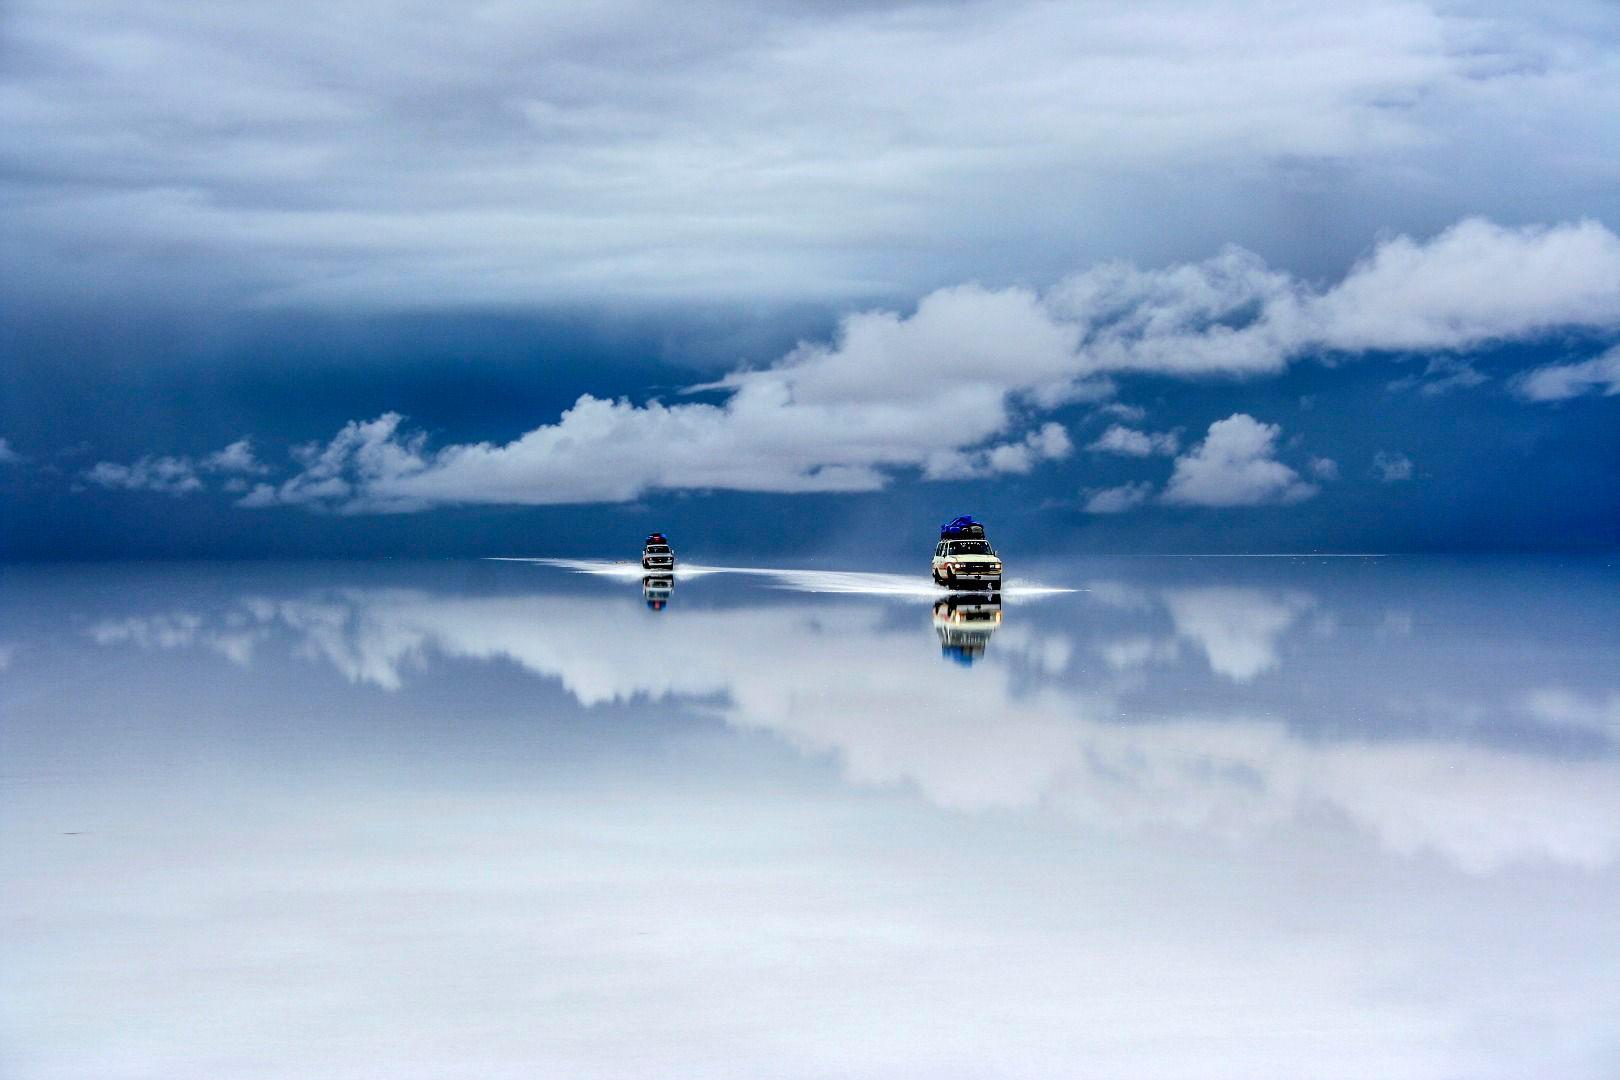 Боливийская соляная пустыня после дождя, © Гай Нешер, Фотоконкурс «Погодный фотограф года» — Weather Photographer of the Year